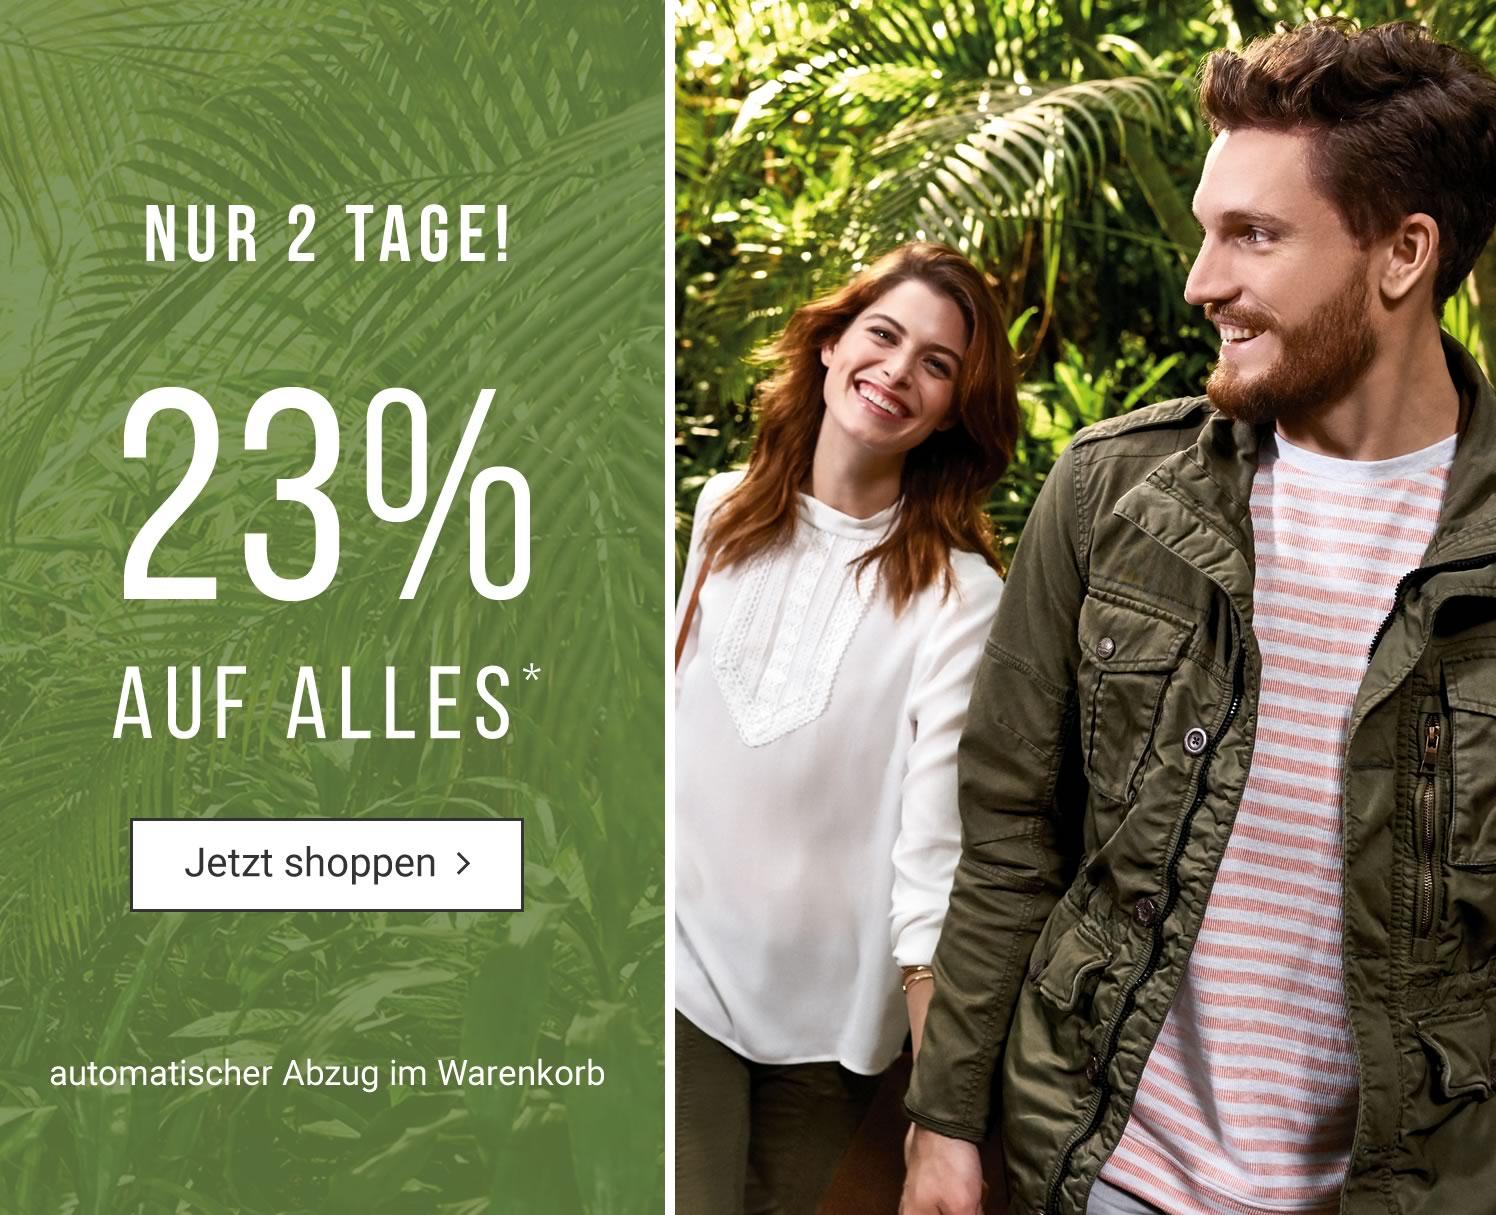 Tom Tailor: 23% Rabatt auf fast alles - nur bis zum 31. Juli